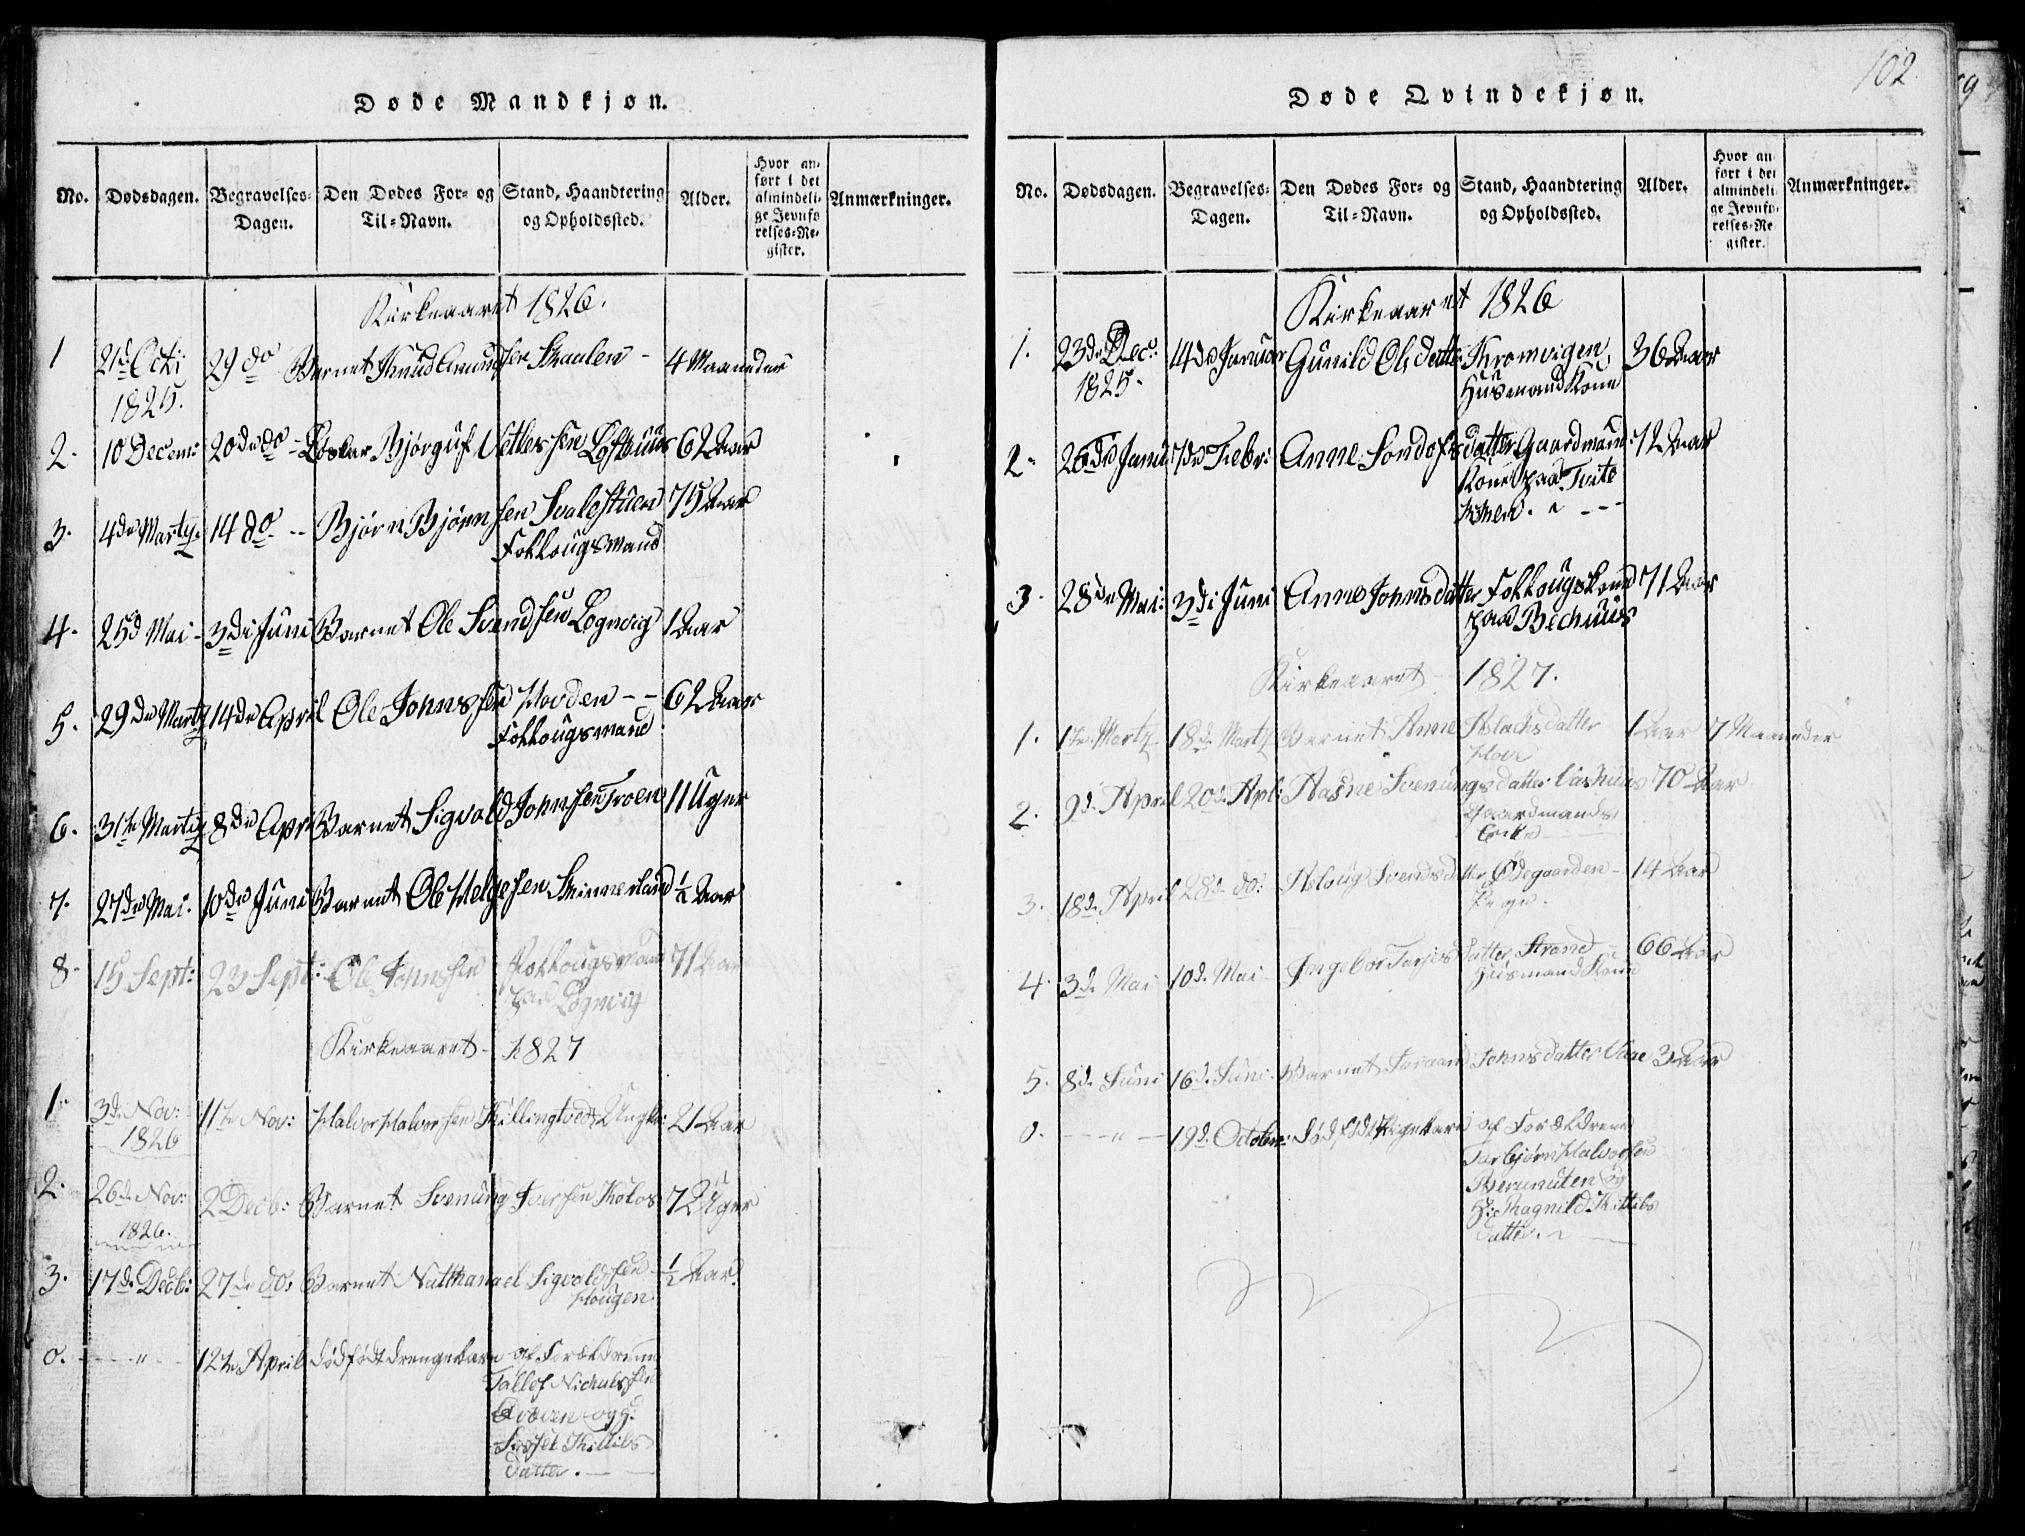 SAKO, Rauland kirkebøker, G/Ga/L0001: Klokkerbok nr. I 1, 1814-1843, s. 102